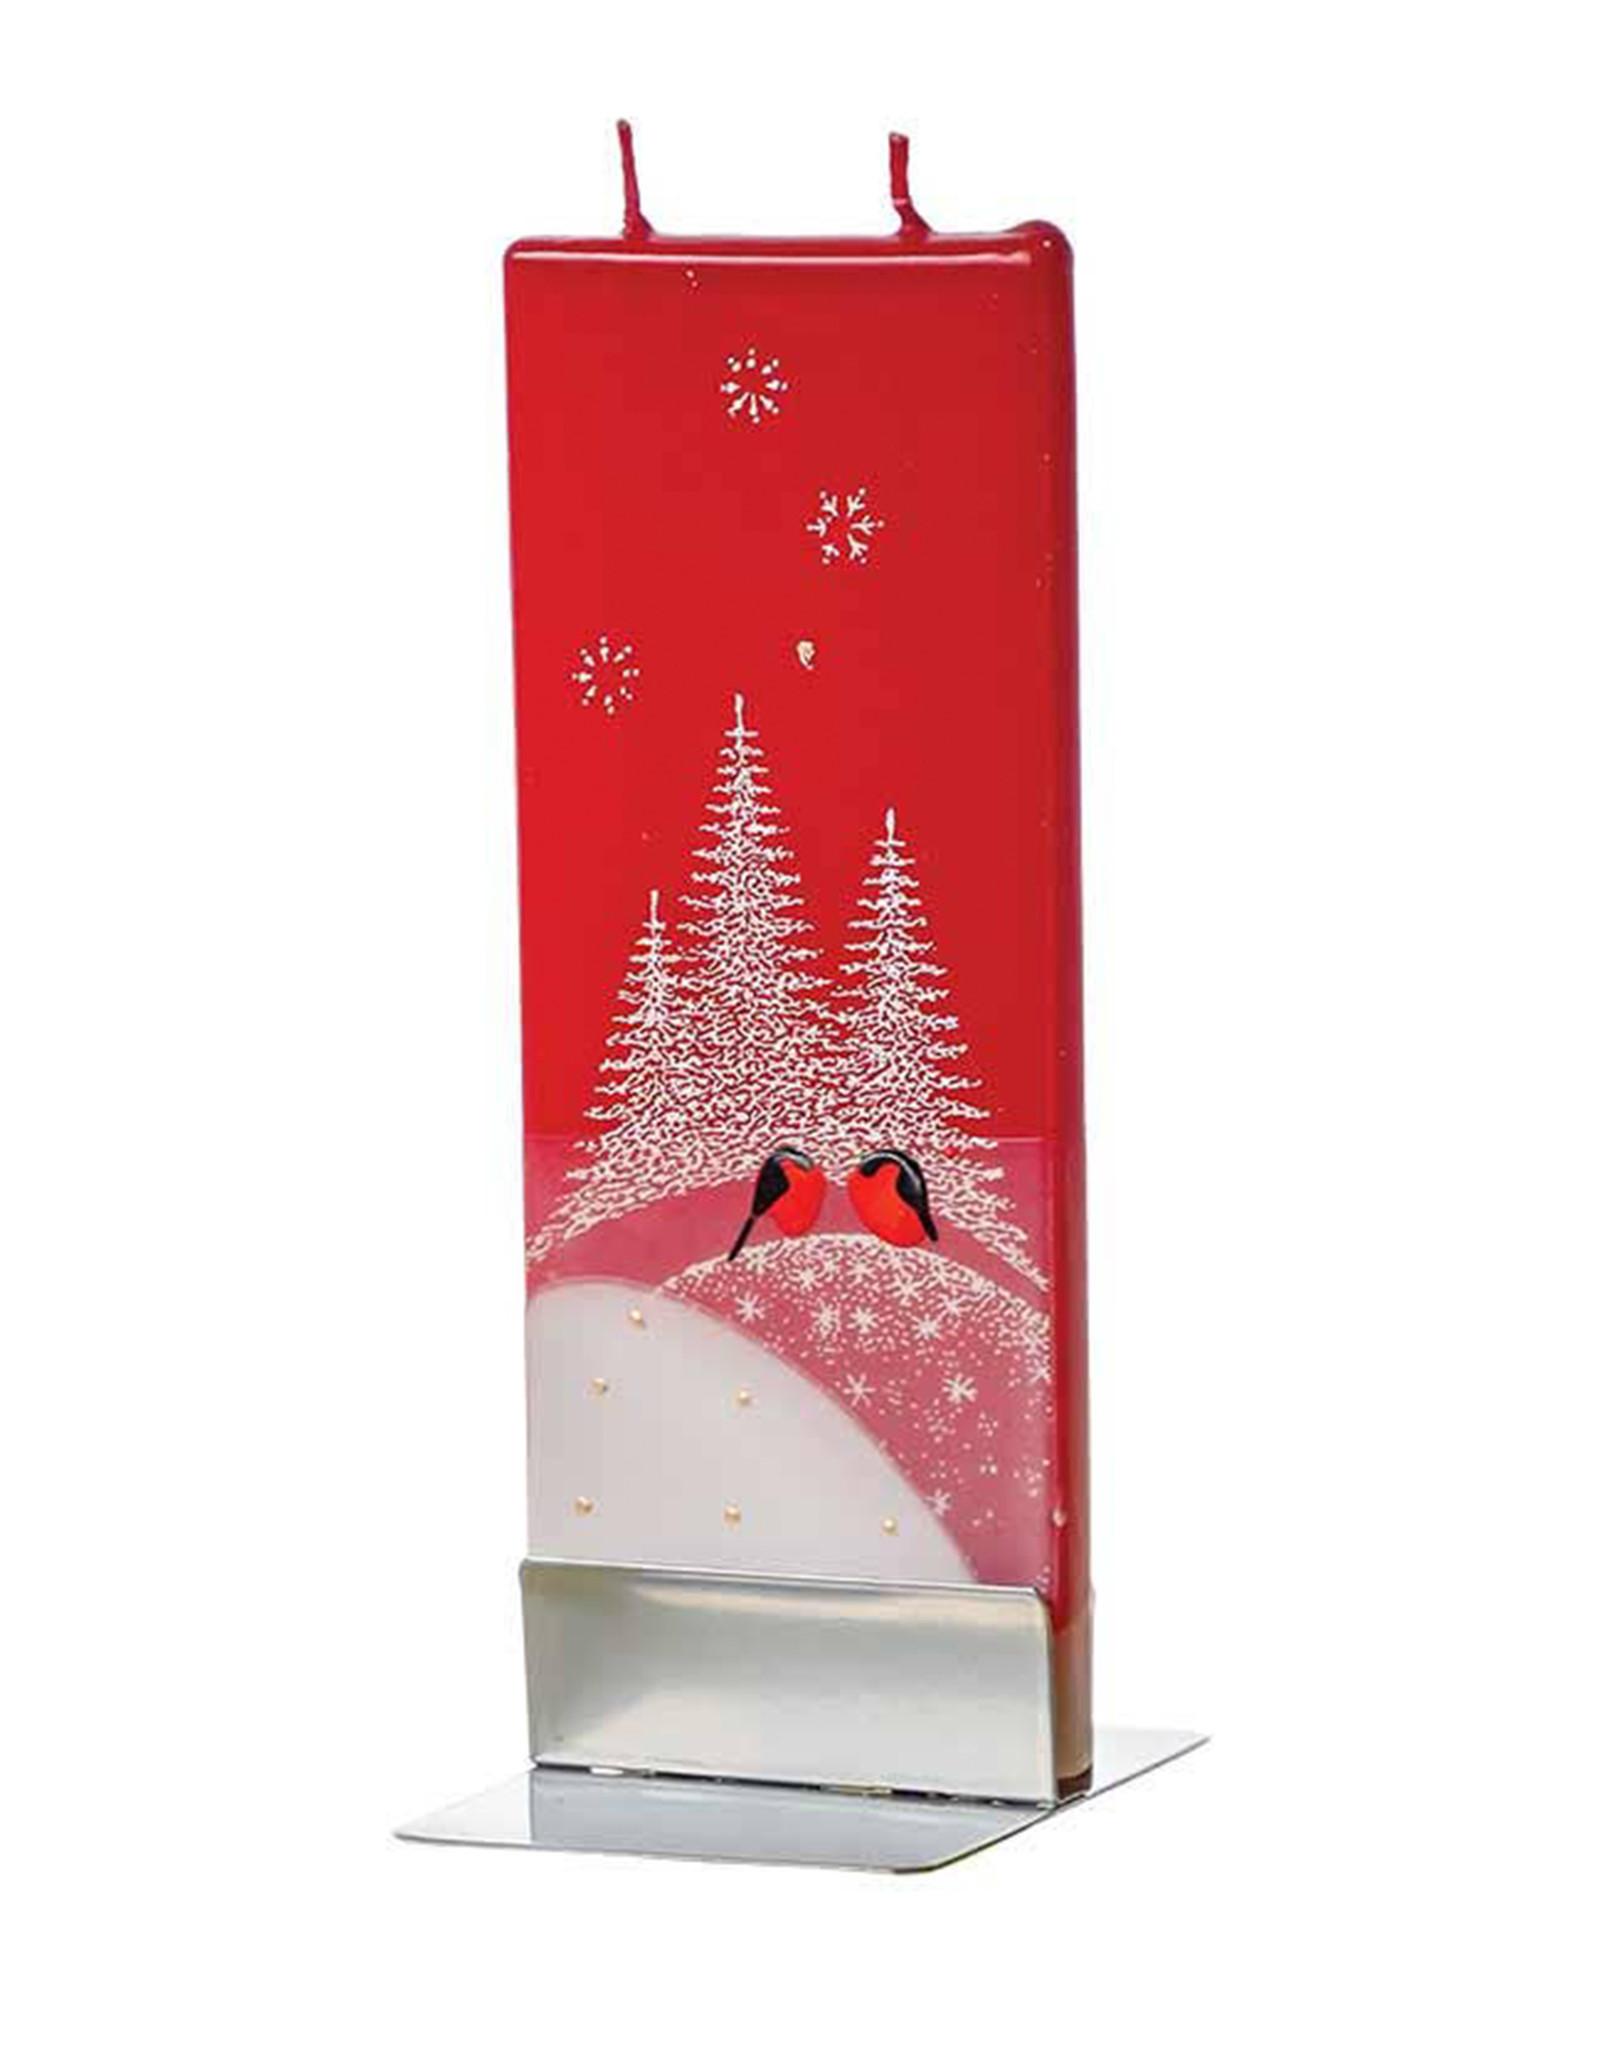 FLATYZ CHRISTMAS CARDINALS CANDLE